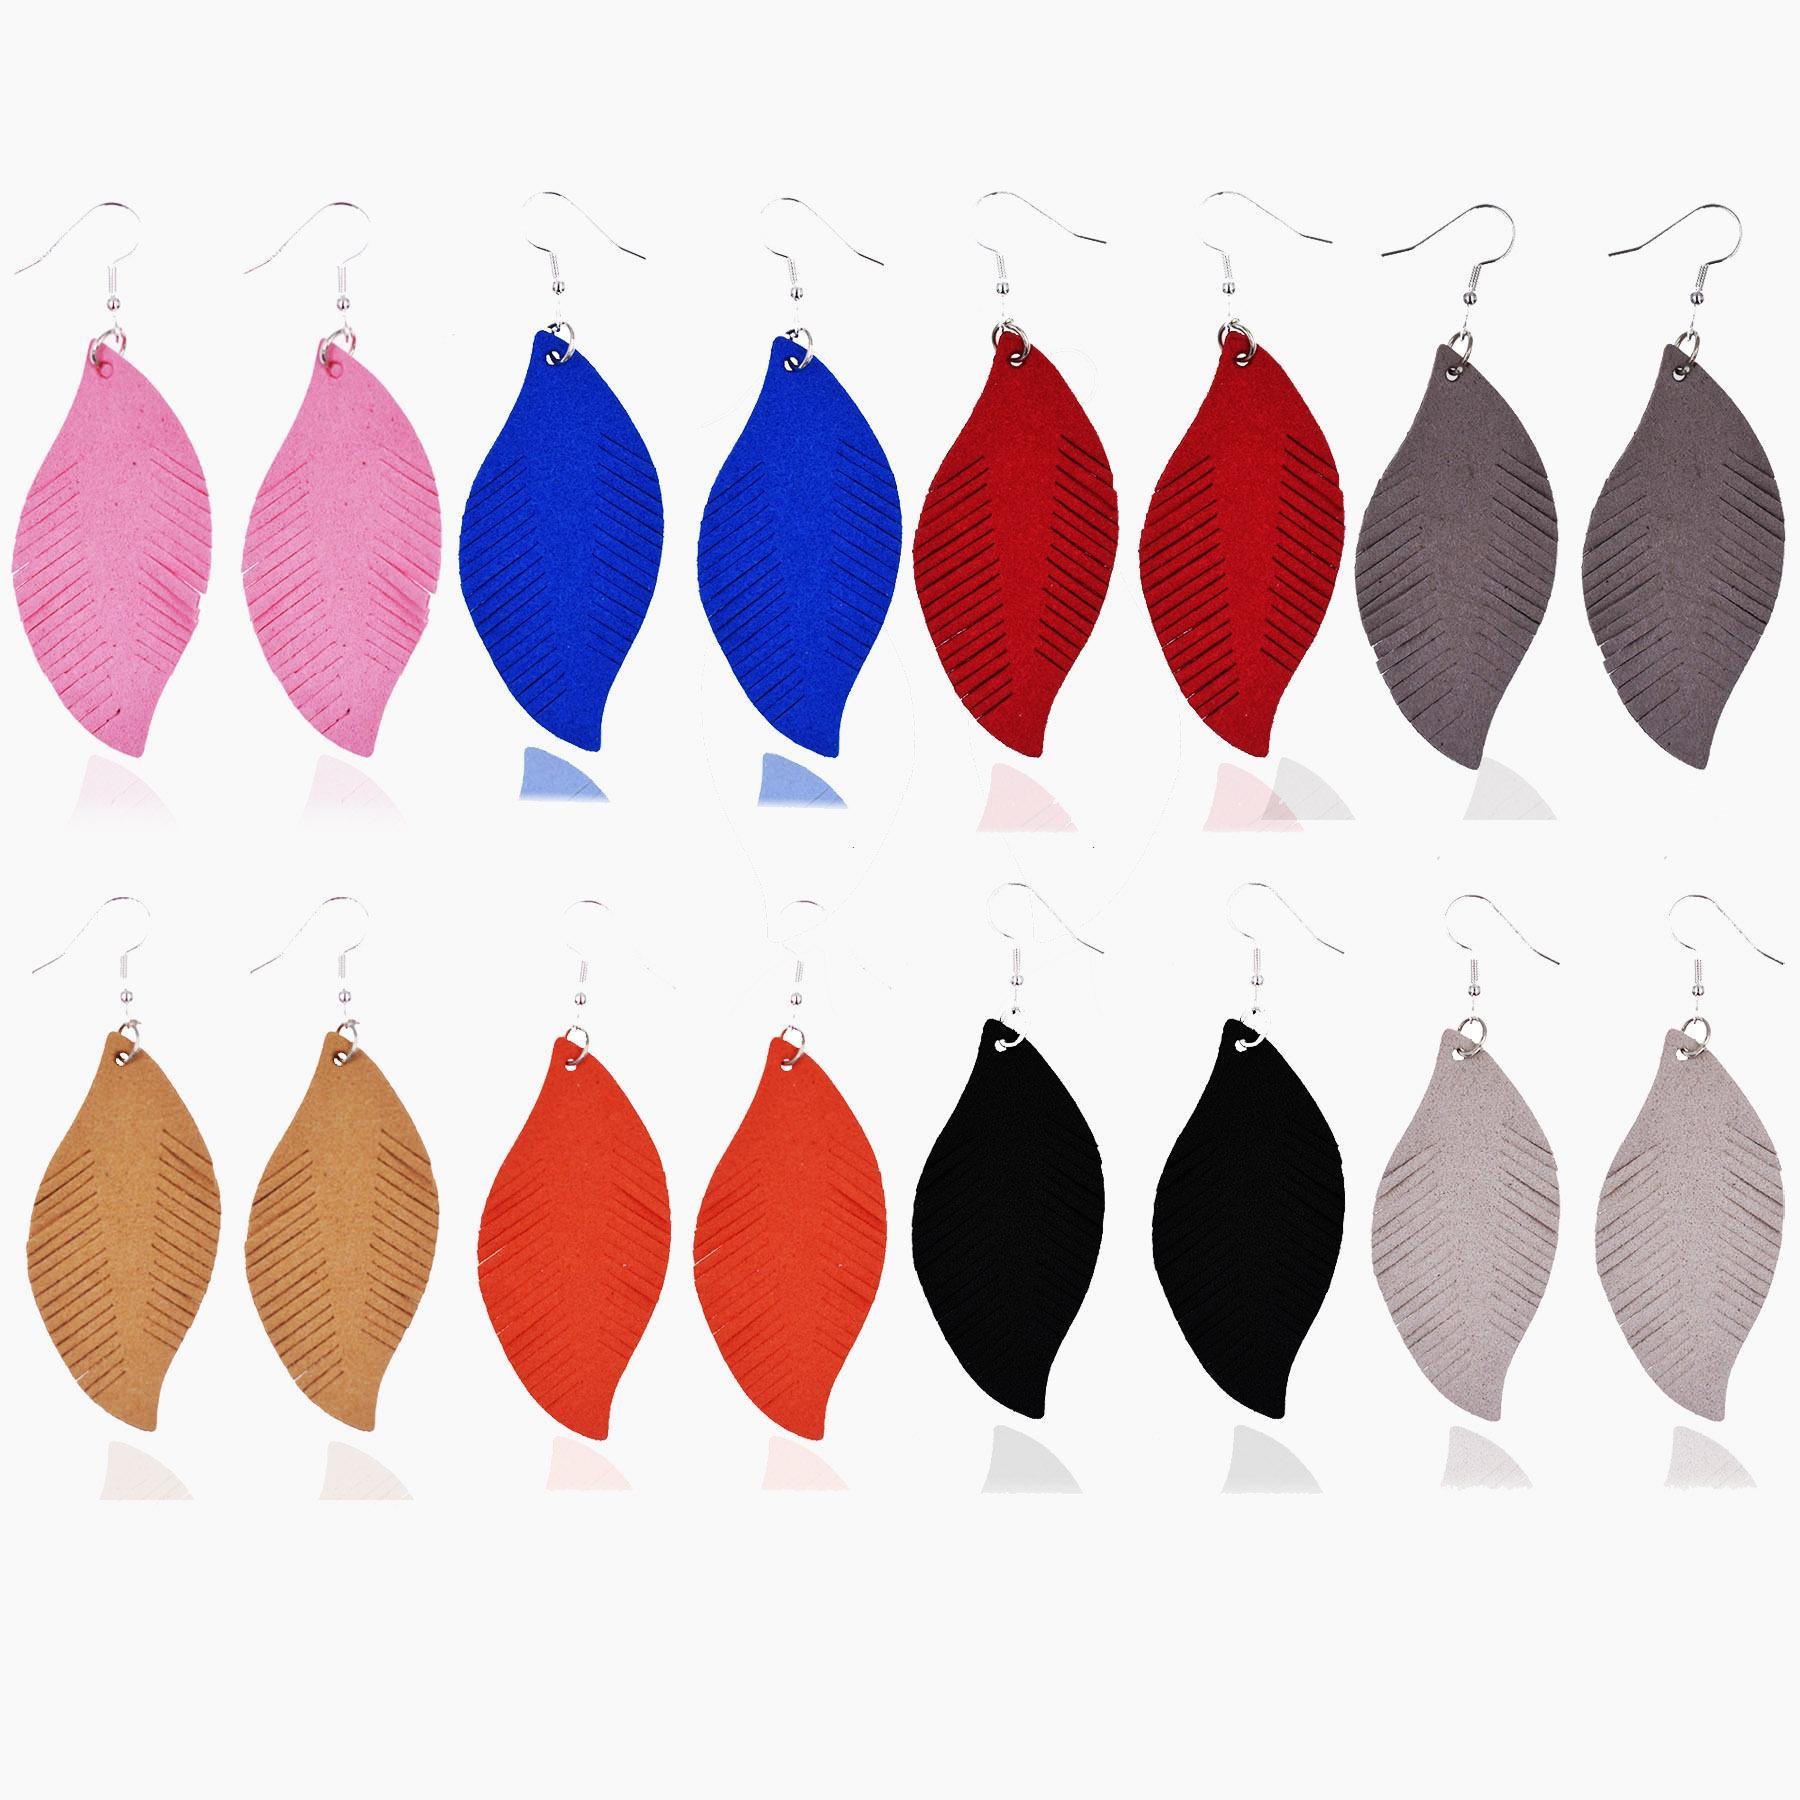 Novos brincos folha Chegada de couro da moda Leve Folha Feather Dangle Brincos para Declaração Mulheres Meninas Bohemia Brinco Jóias